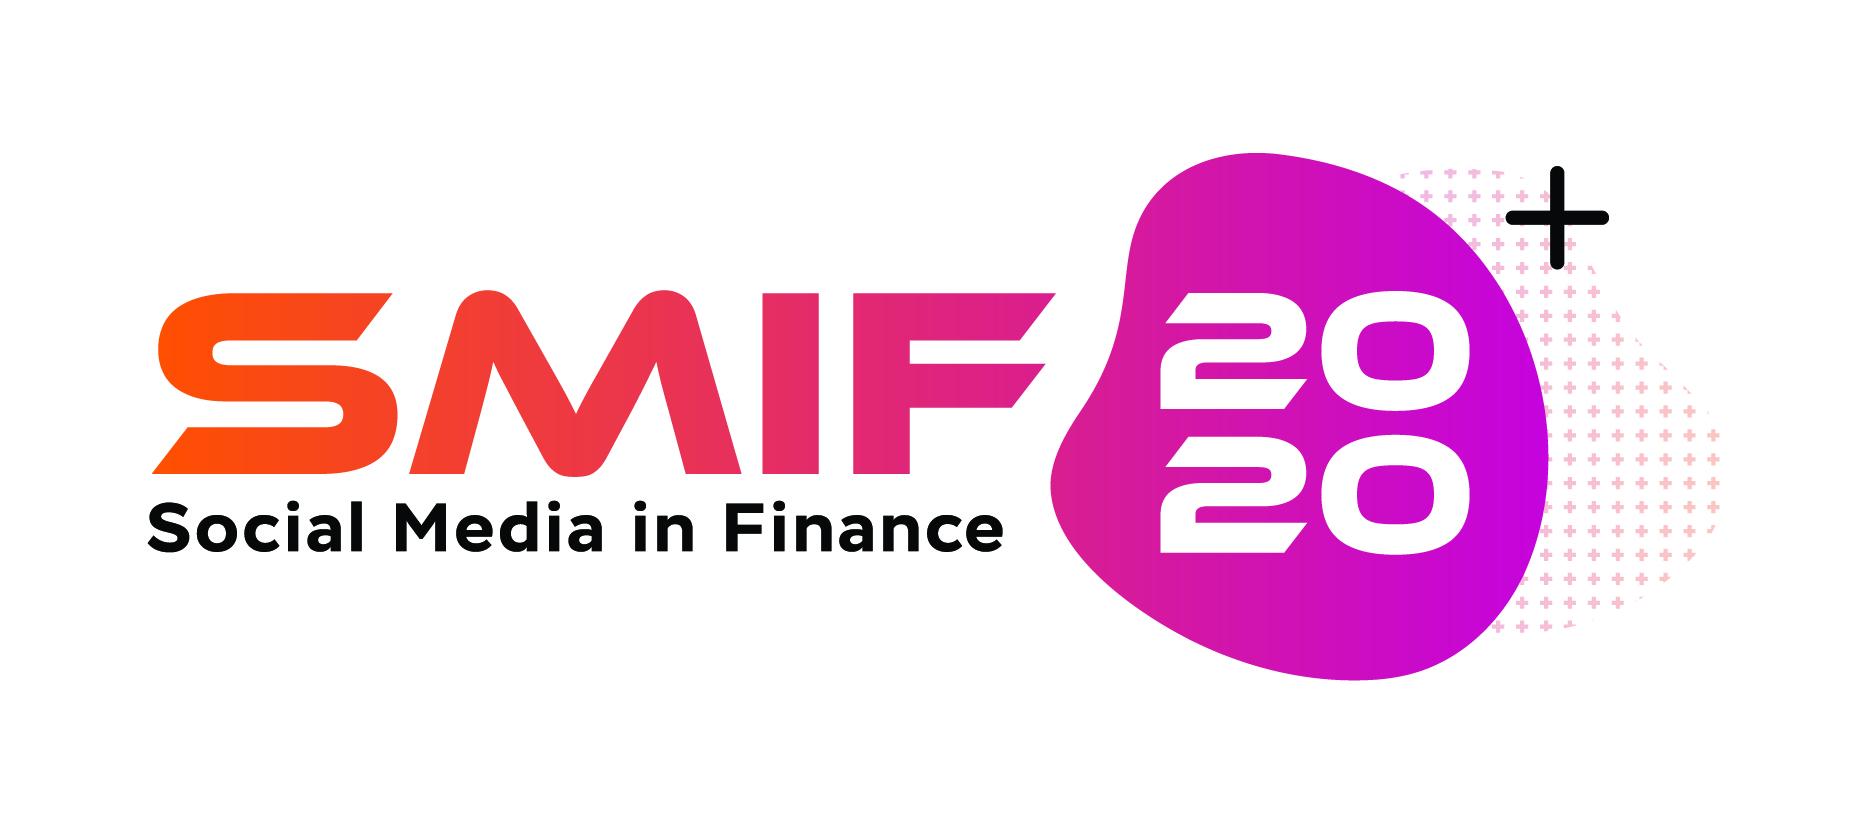 Social Media In Finance 2020